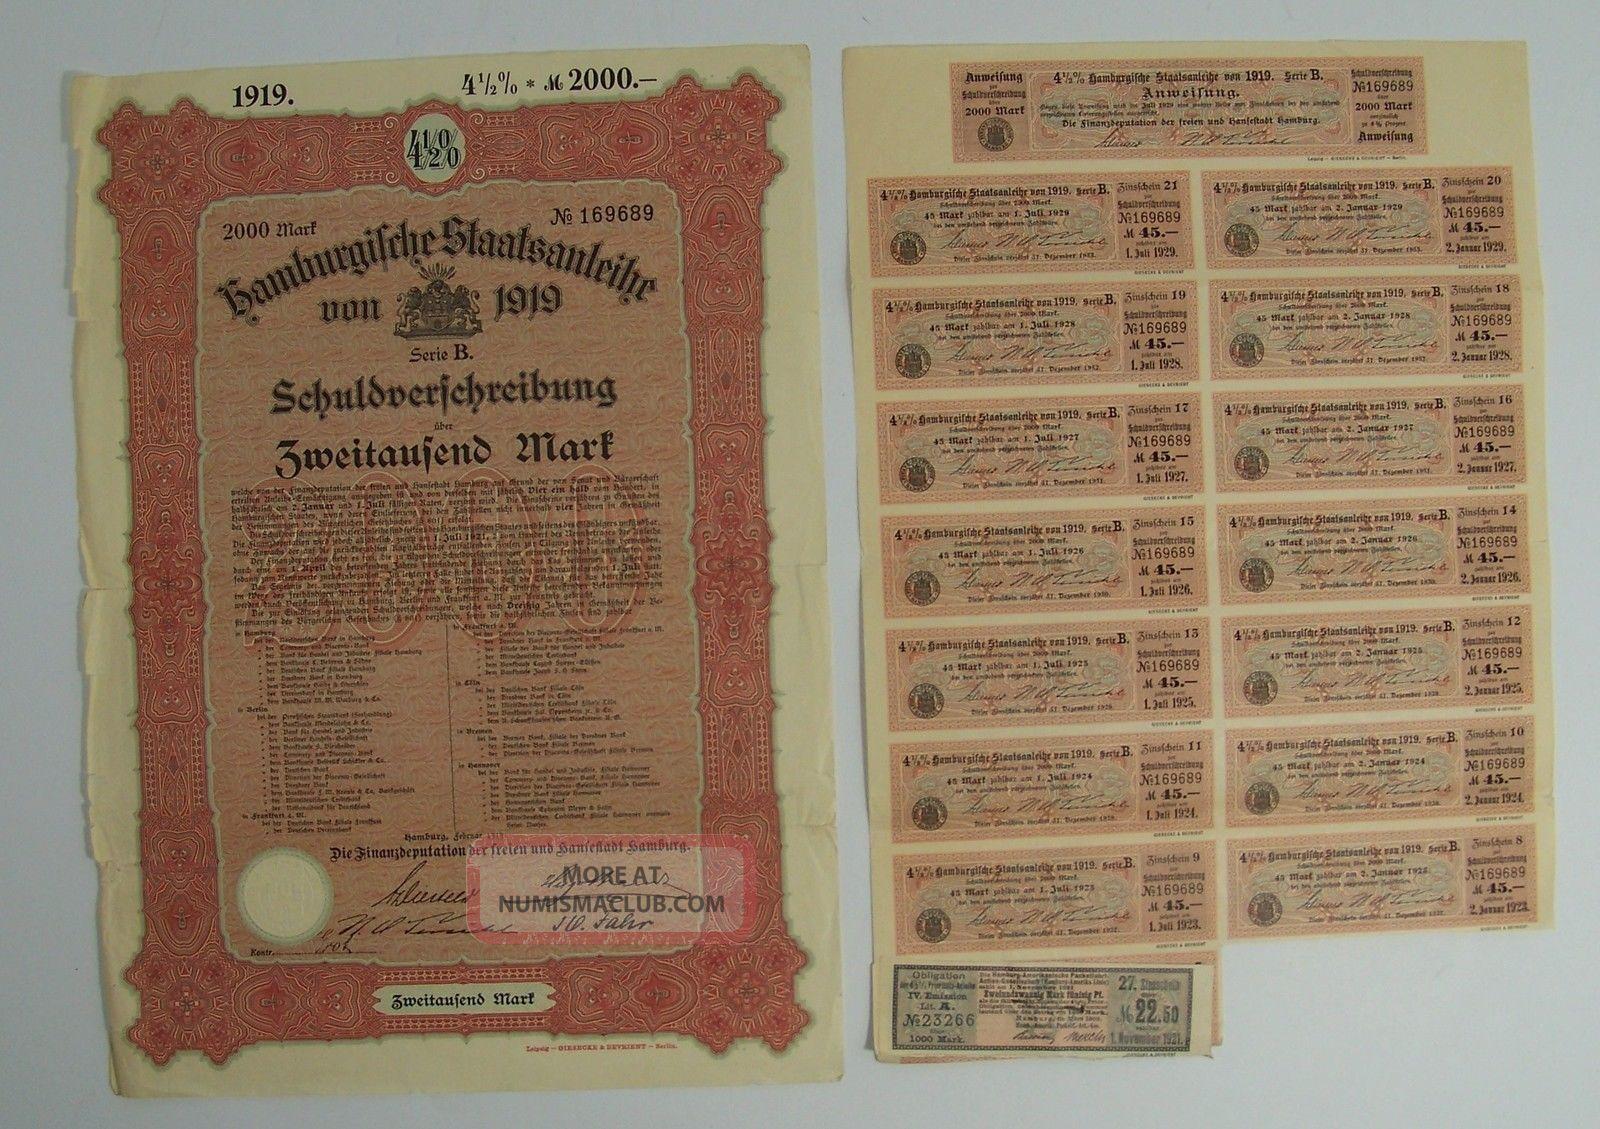 Antique 1919 German Bond W/ Uncancelled Coupons 2000 Zweitausend Mark Hamburg World photo